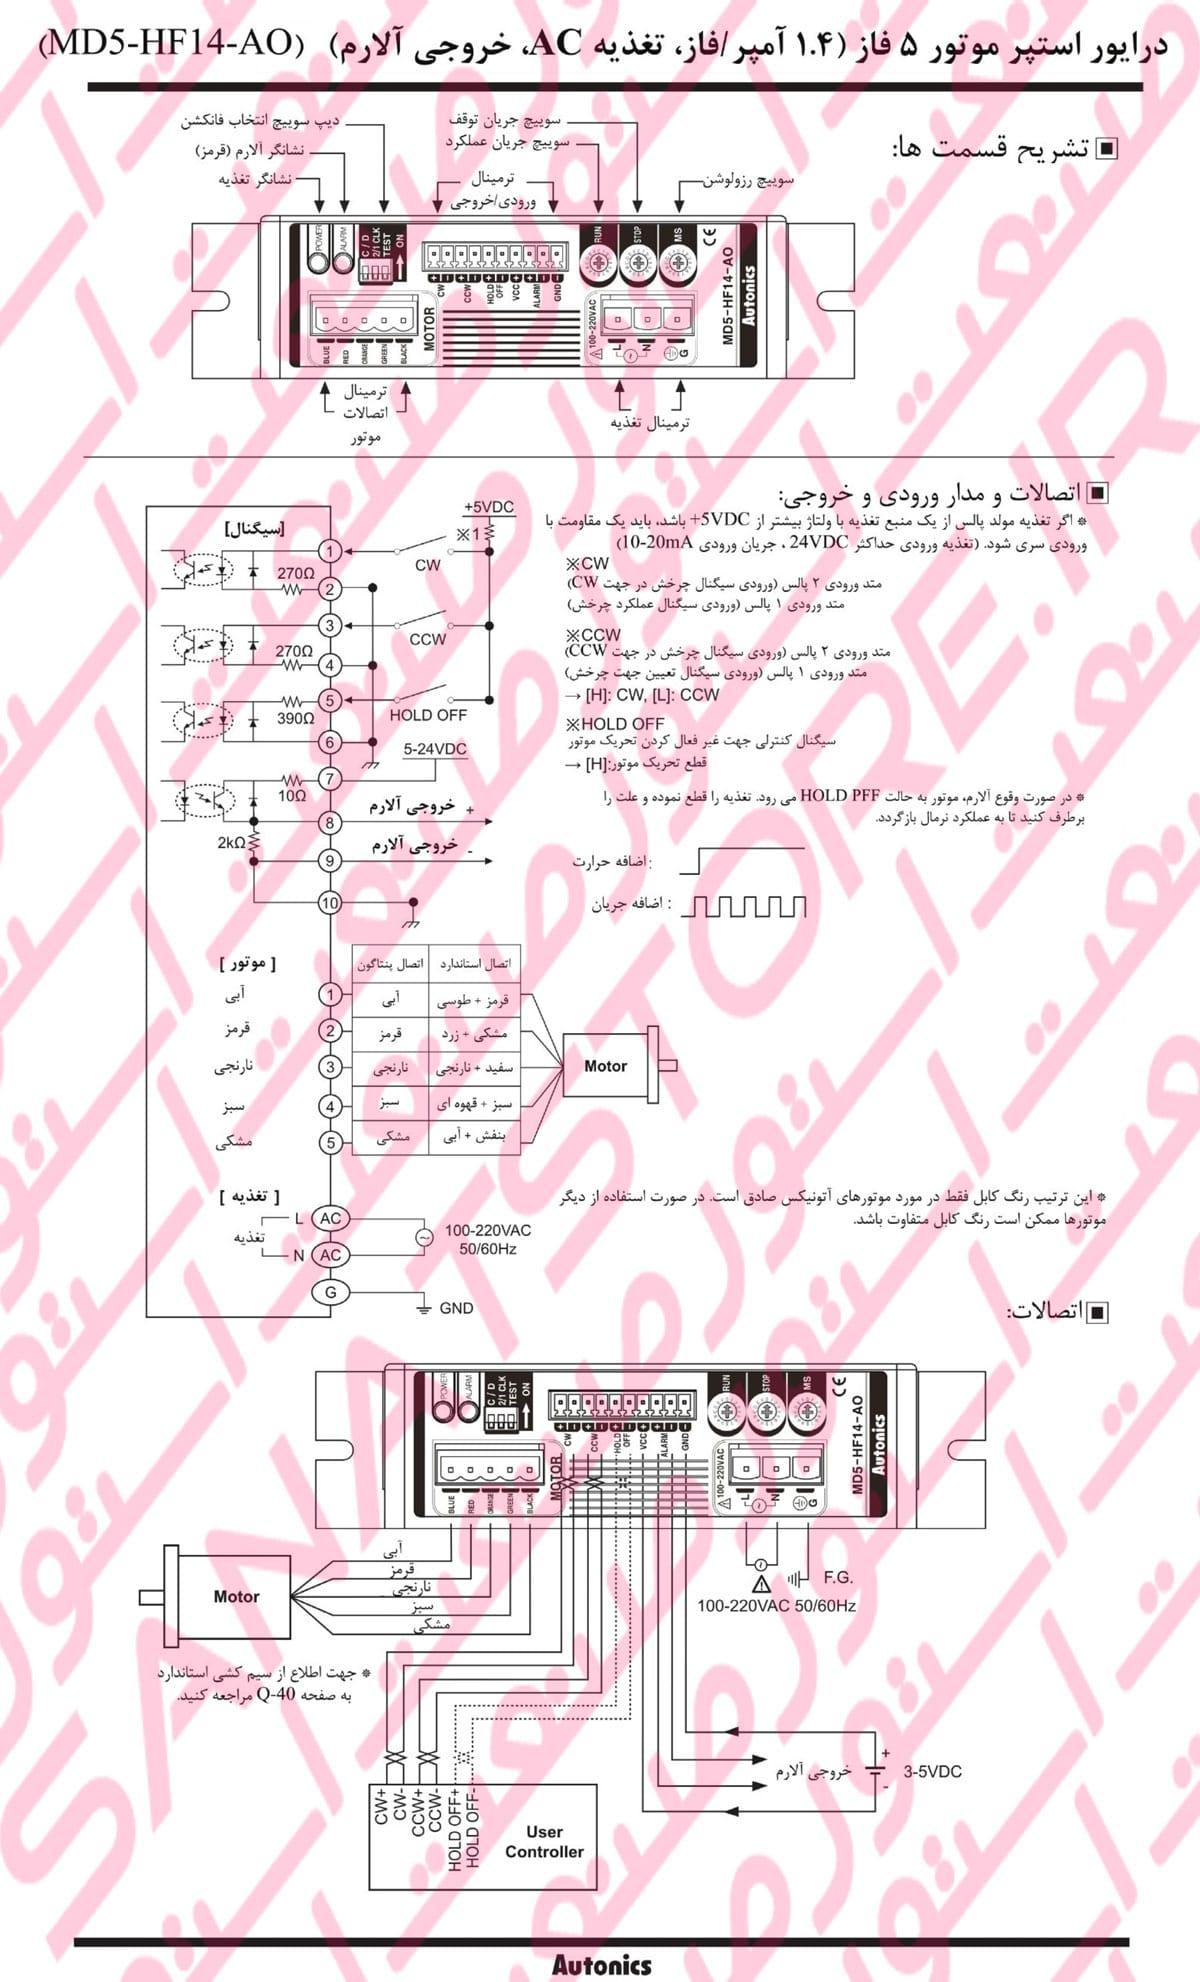 راهنمای نصب درایور استپ موتور آتونیکس Autonics مدل MD5-HF14-AO